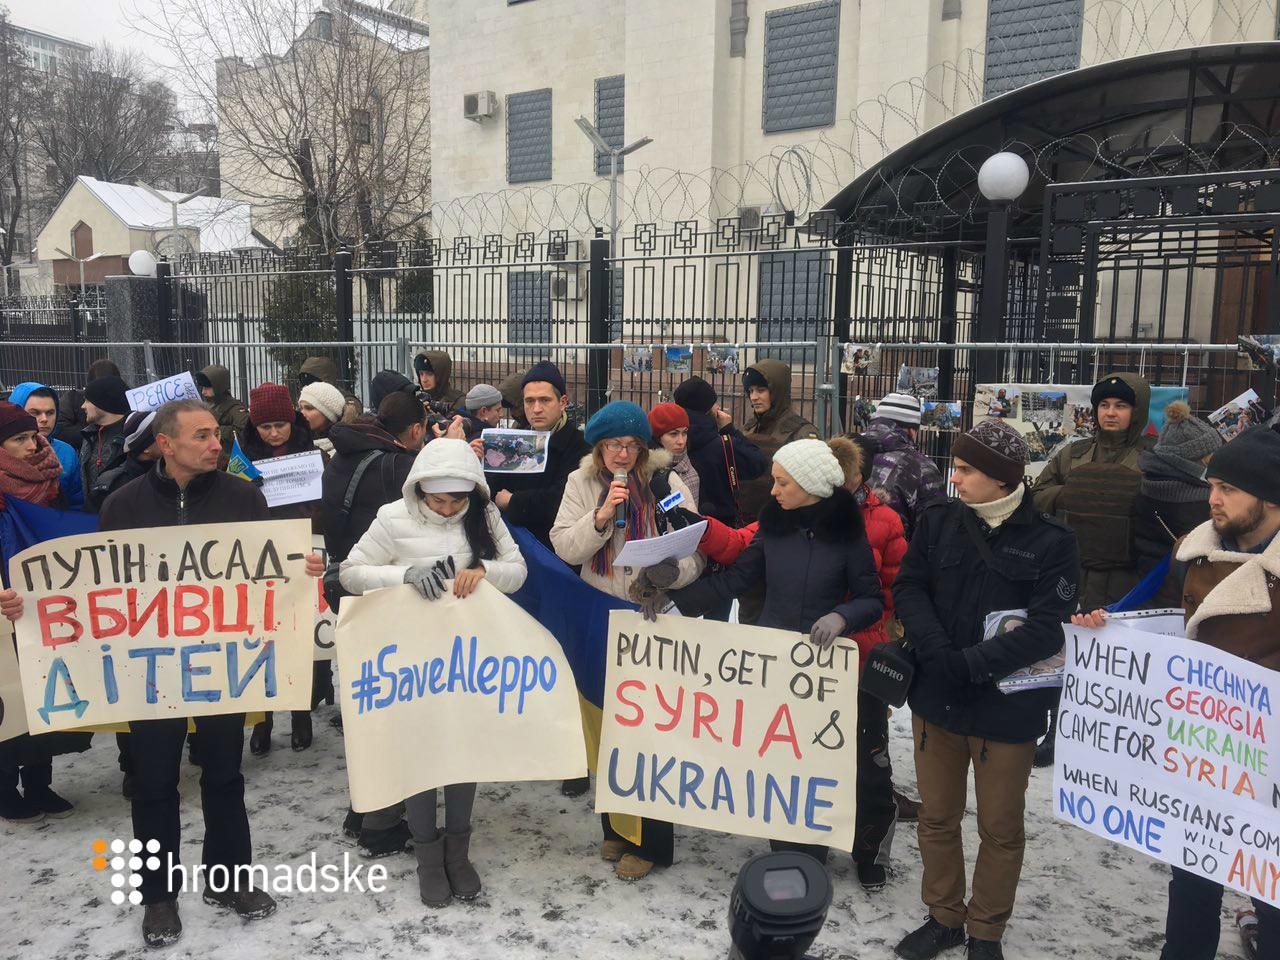 Через бомбардування Сирії під посольство Росії в Києві принесли закривавлені ляльки - фото 1